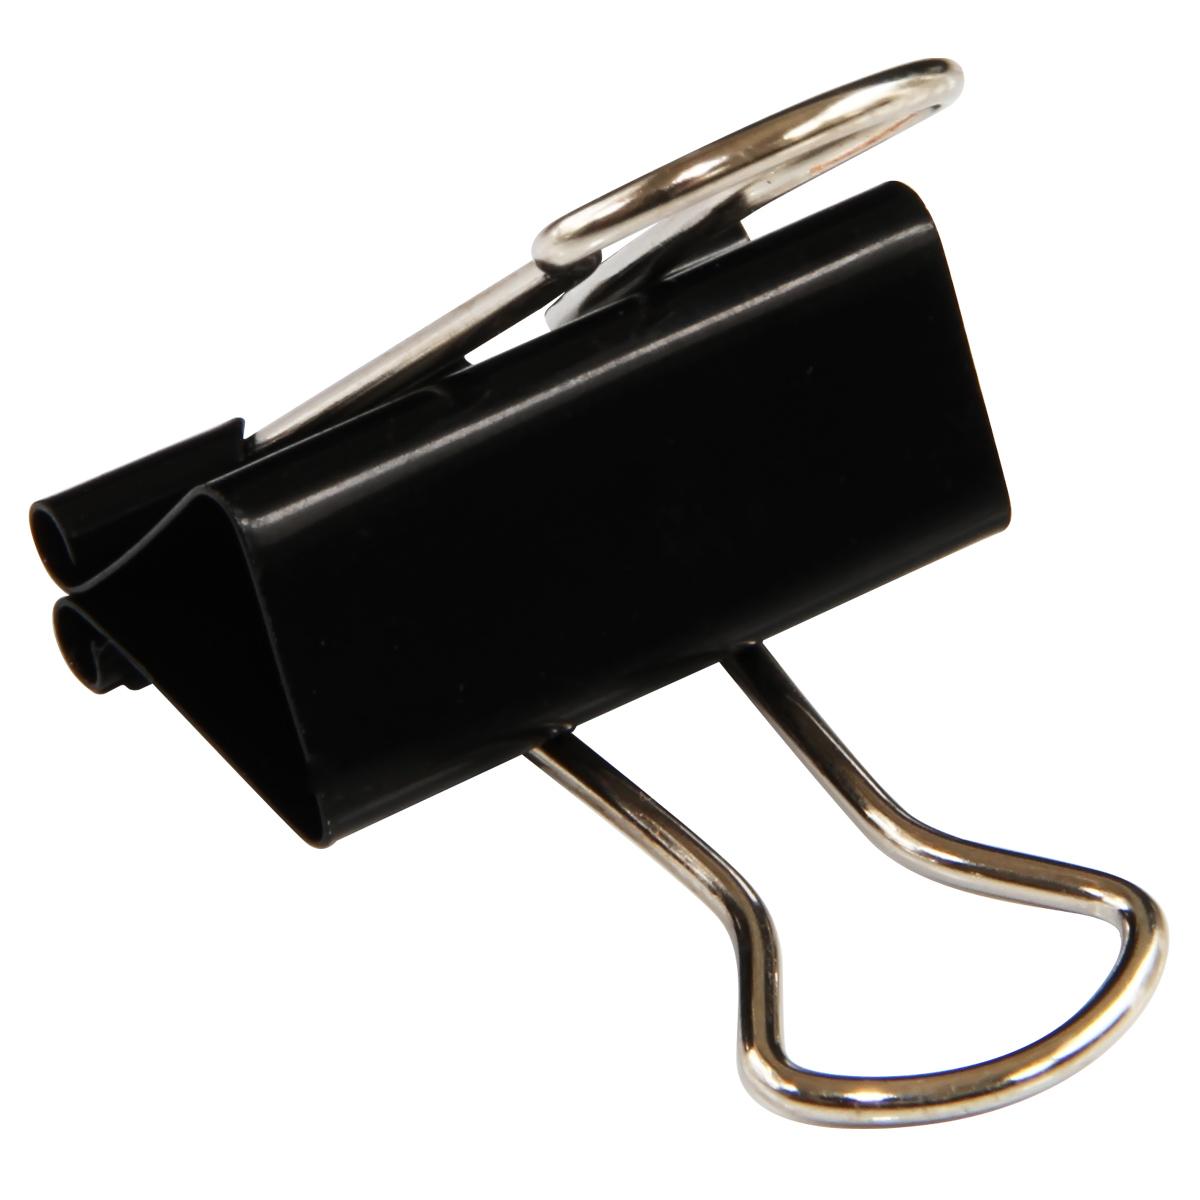 得力(deli)8563 24只32mm金属黑色长尾票夹票据夹燕尾夹 中号